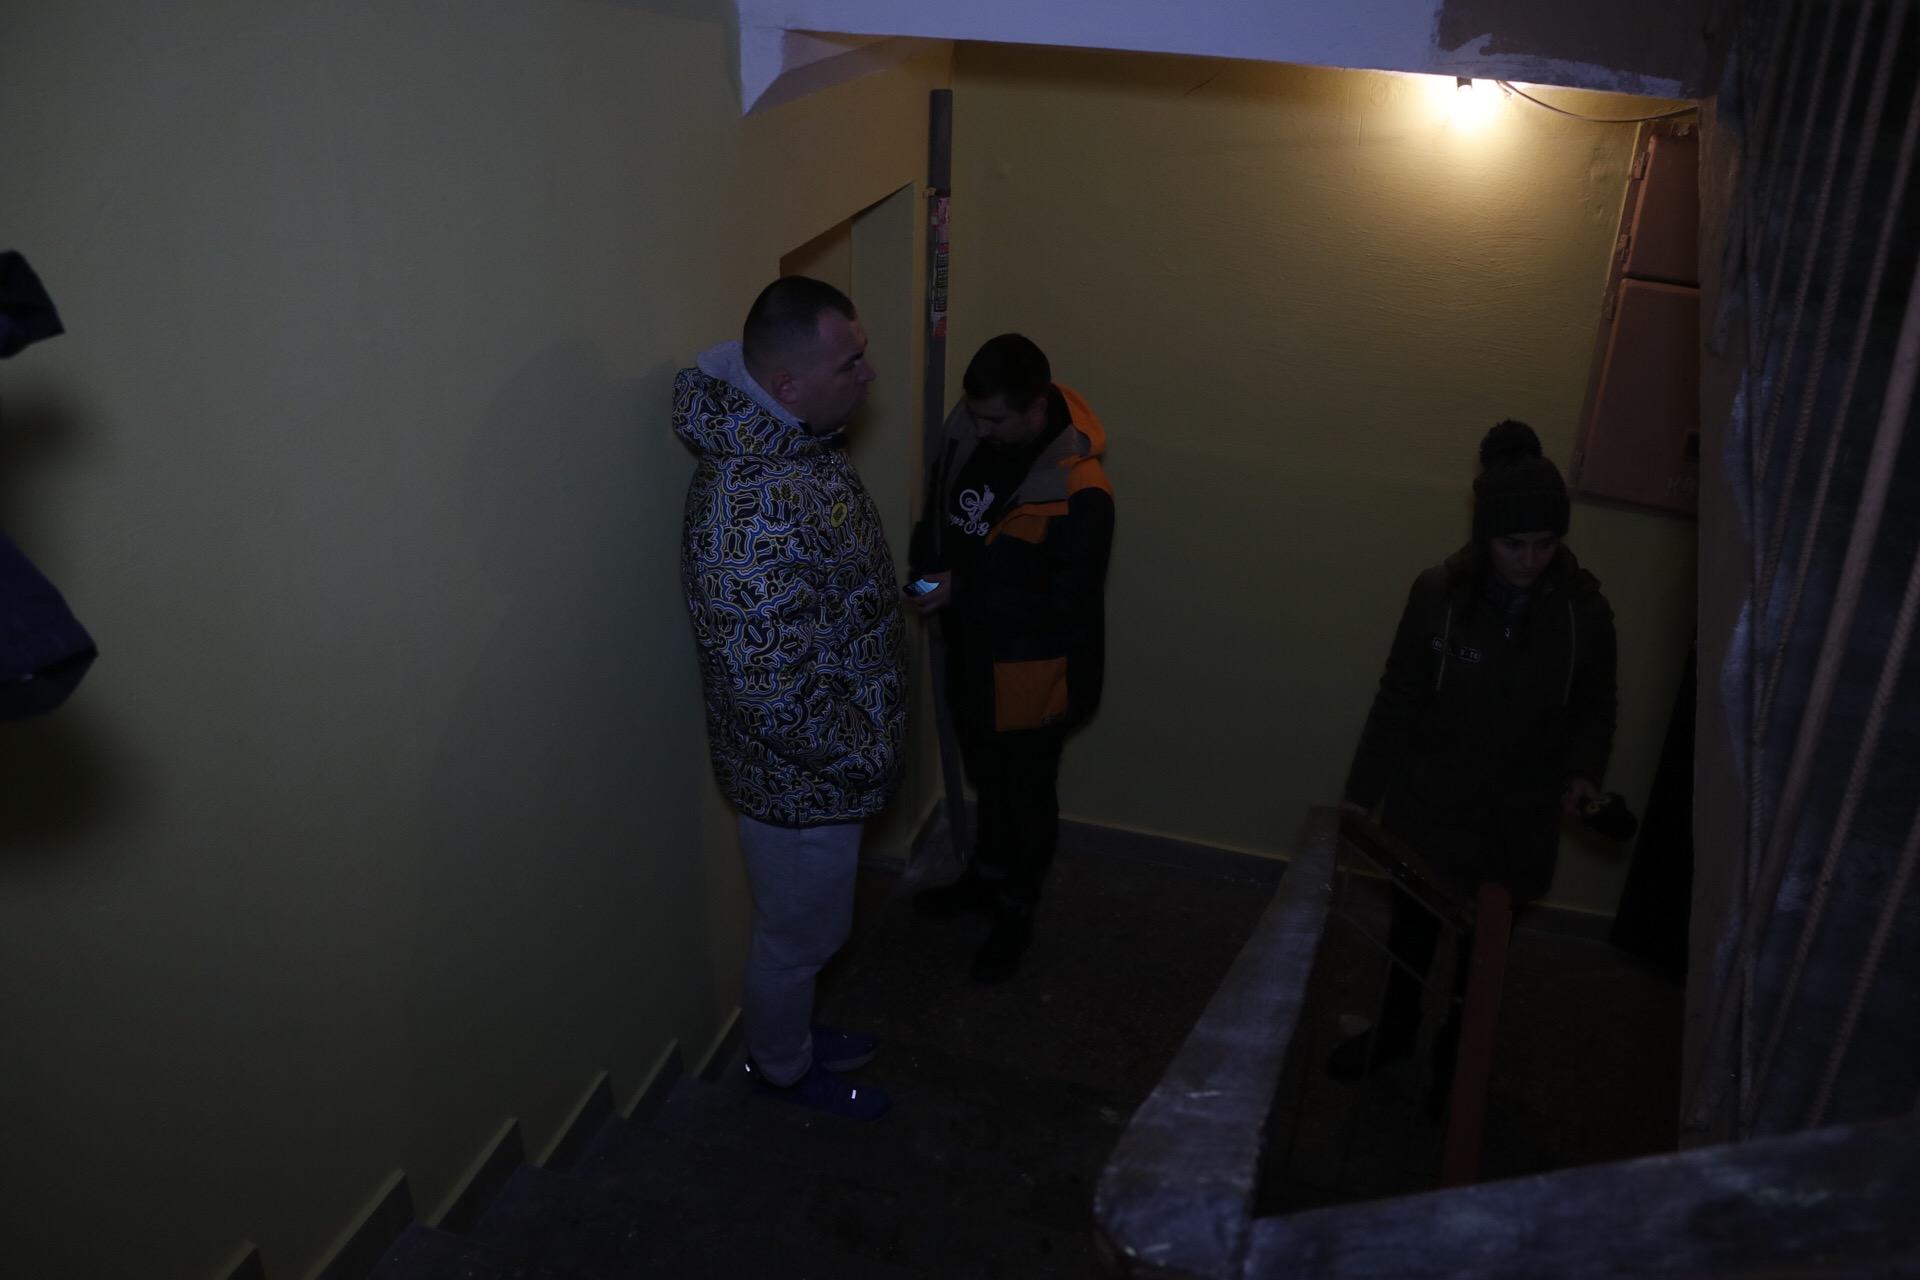 Также отец ребенка отметил, что проблемы с лифтами в их доме постоянно